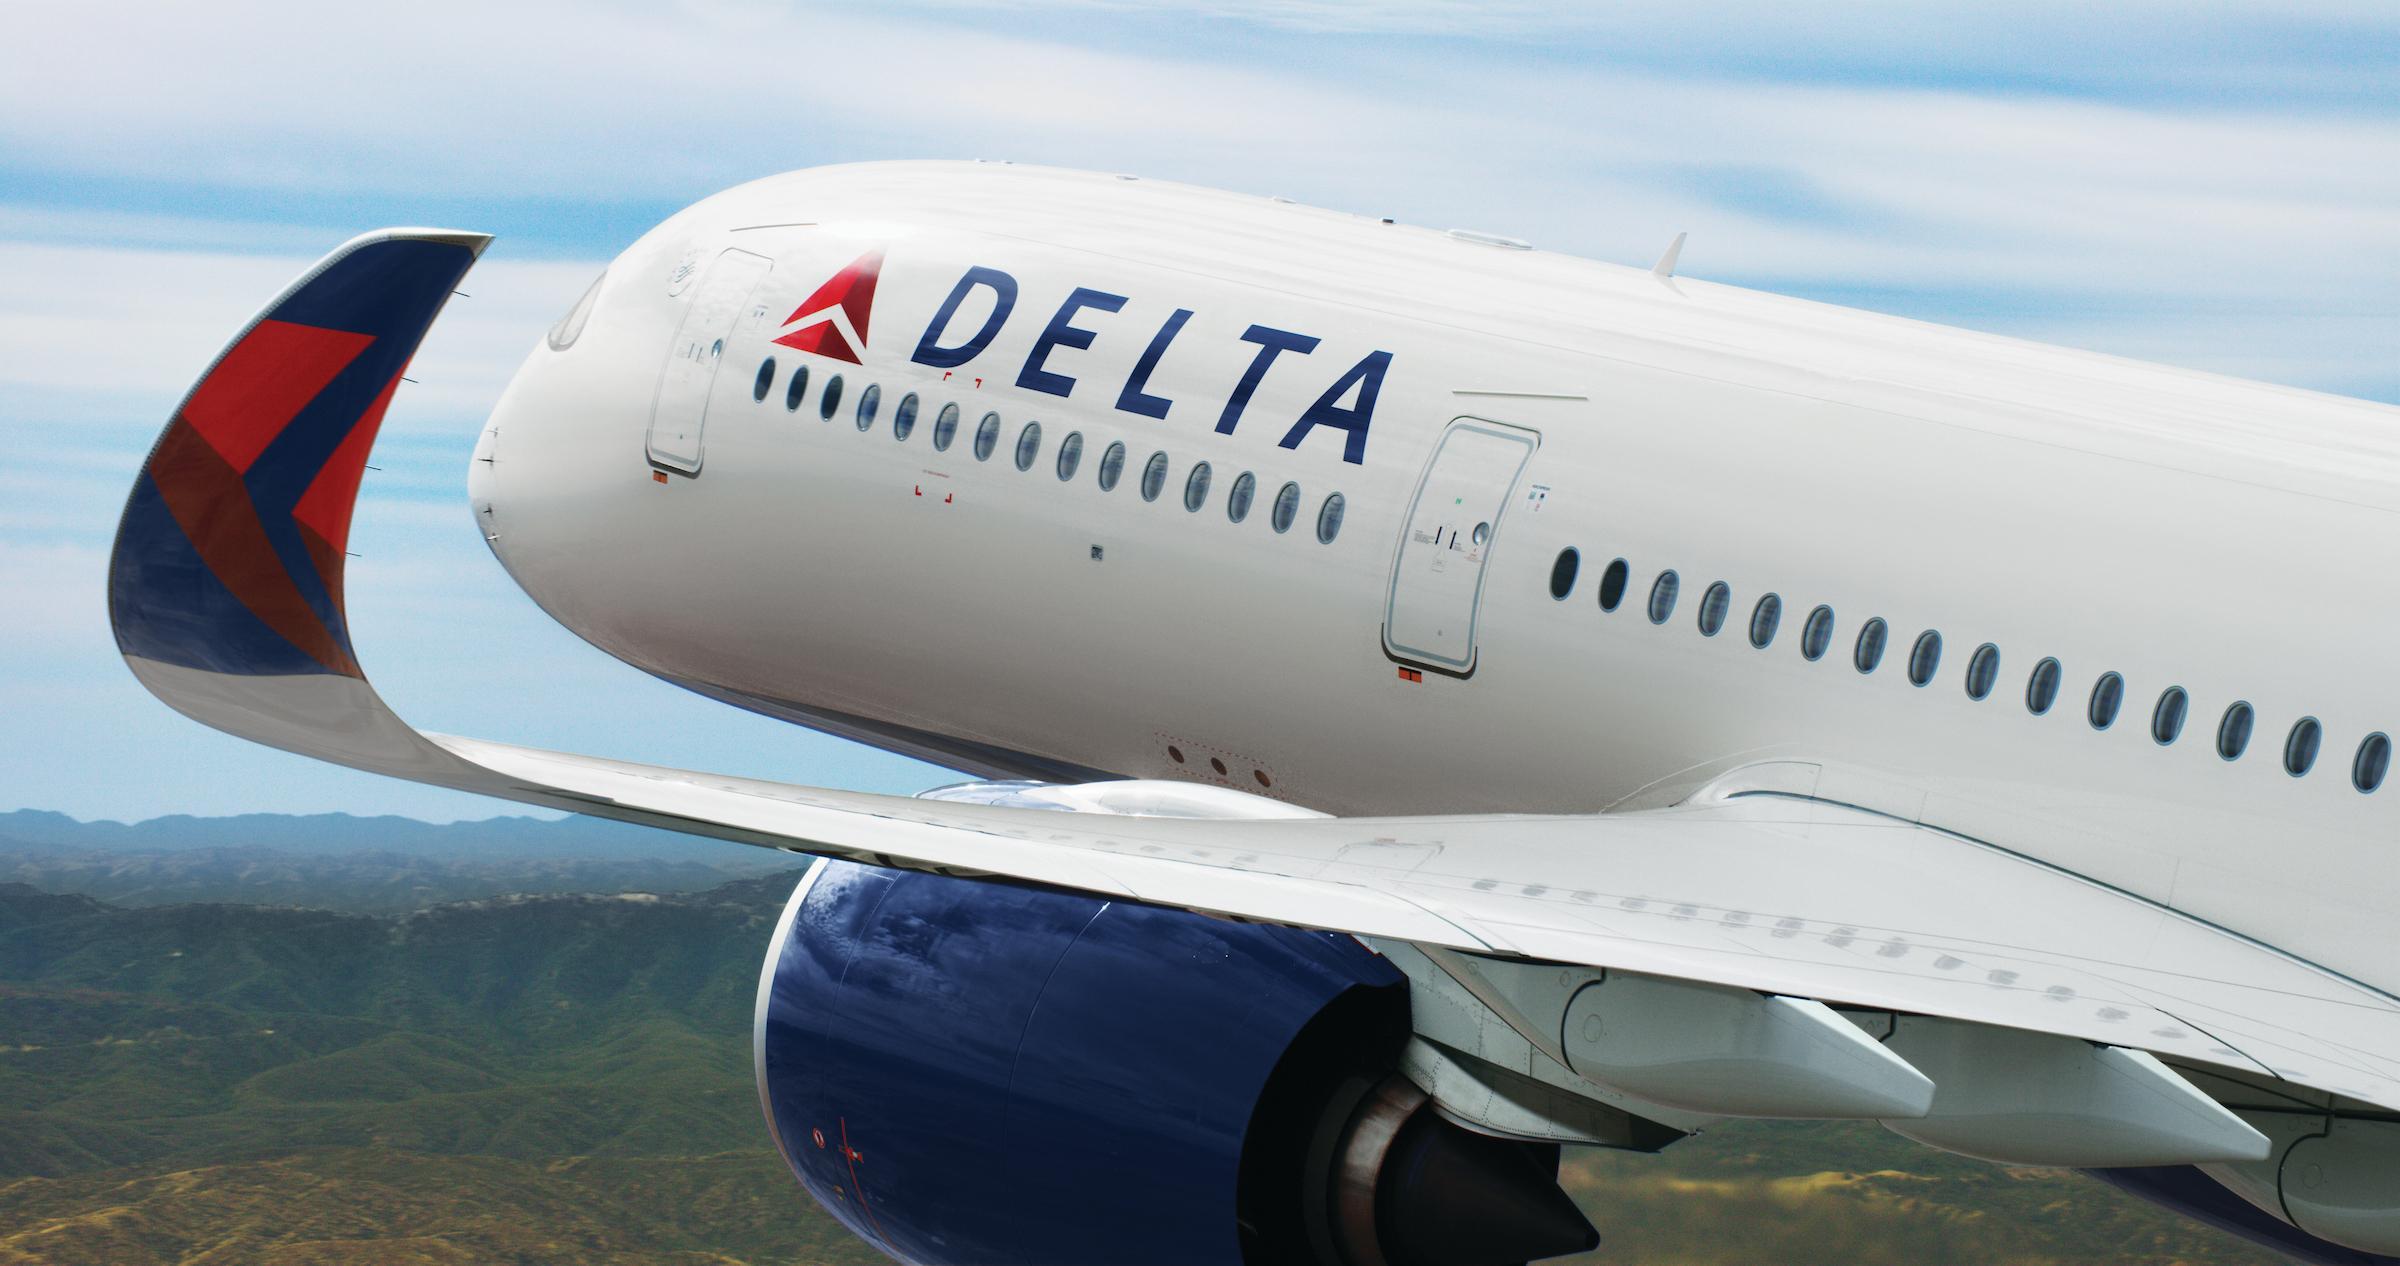 En Delta Airlines anuncia sanción de 200 dólares para empleados sin vacuna del COVID-19 imagen